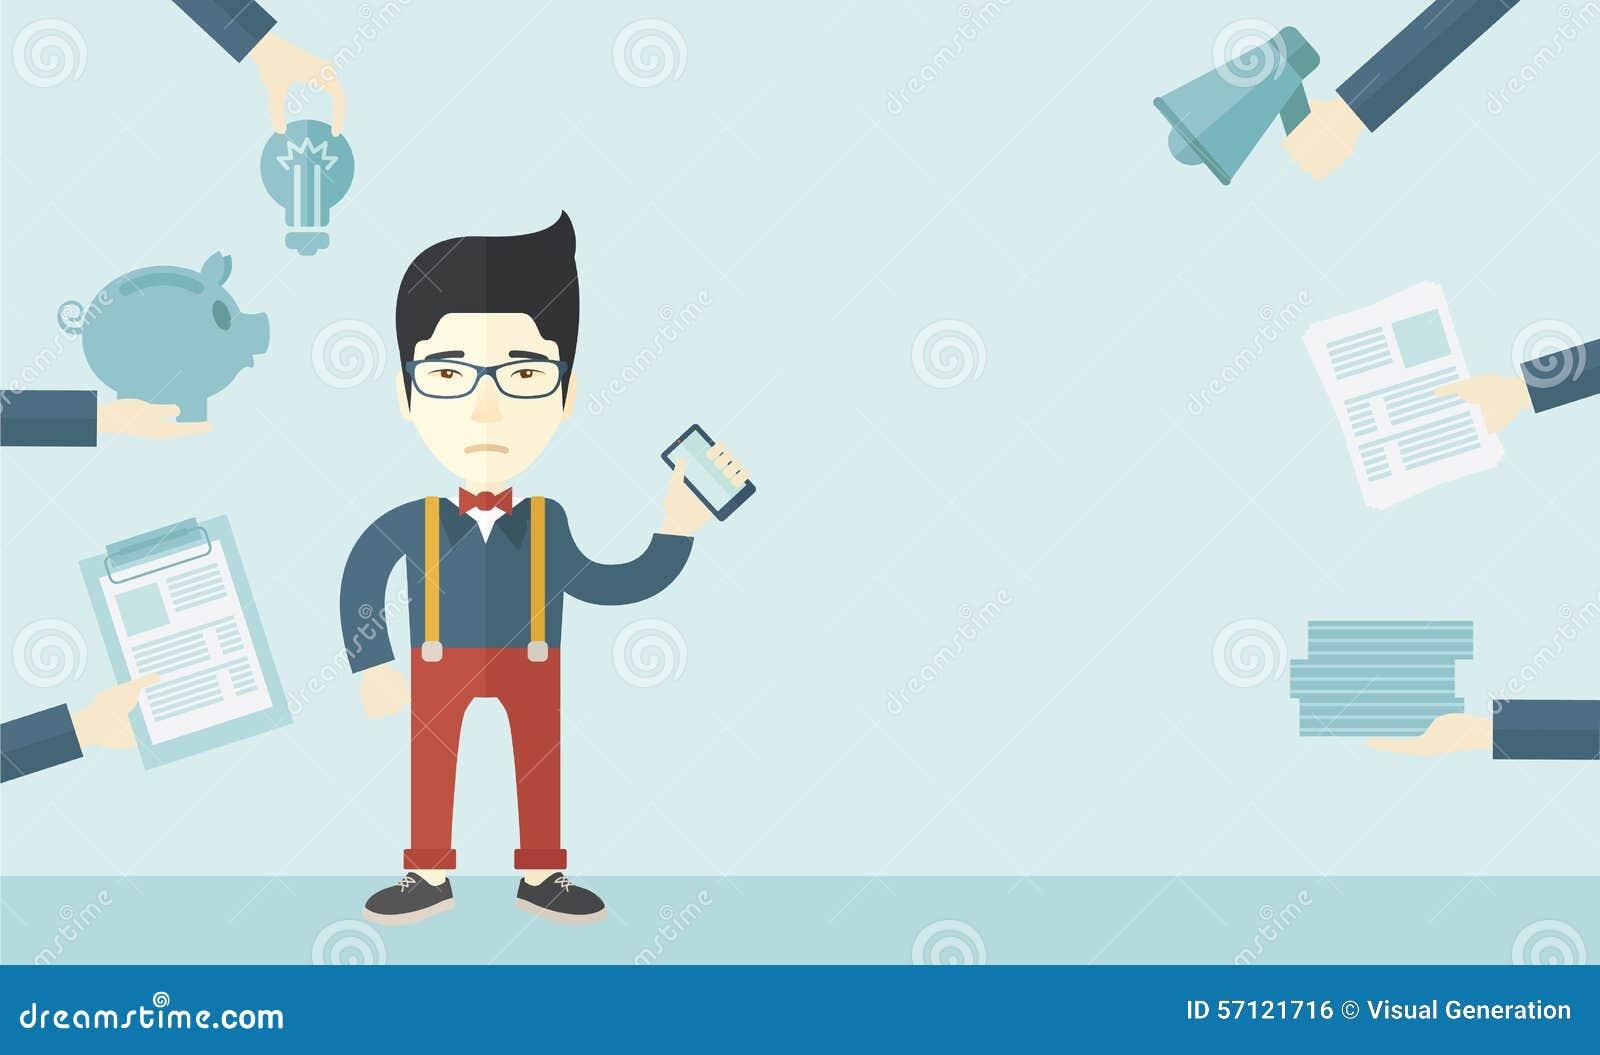 有智能手机的日本人在手中图片